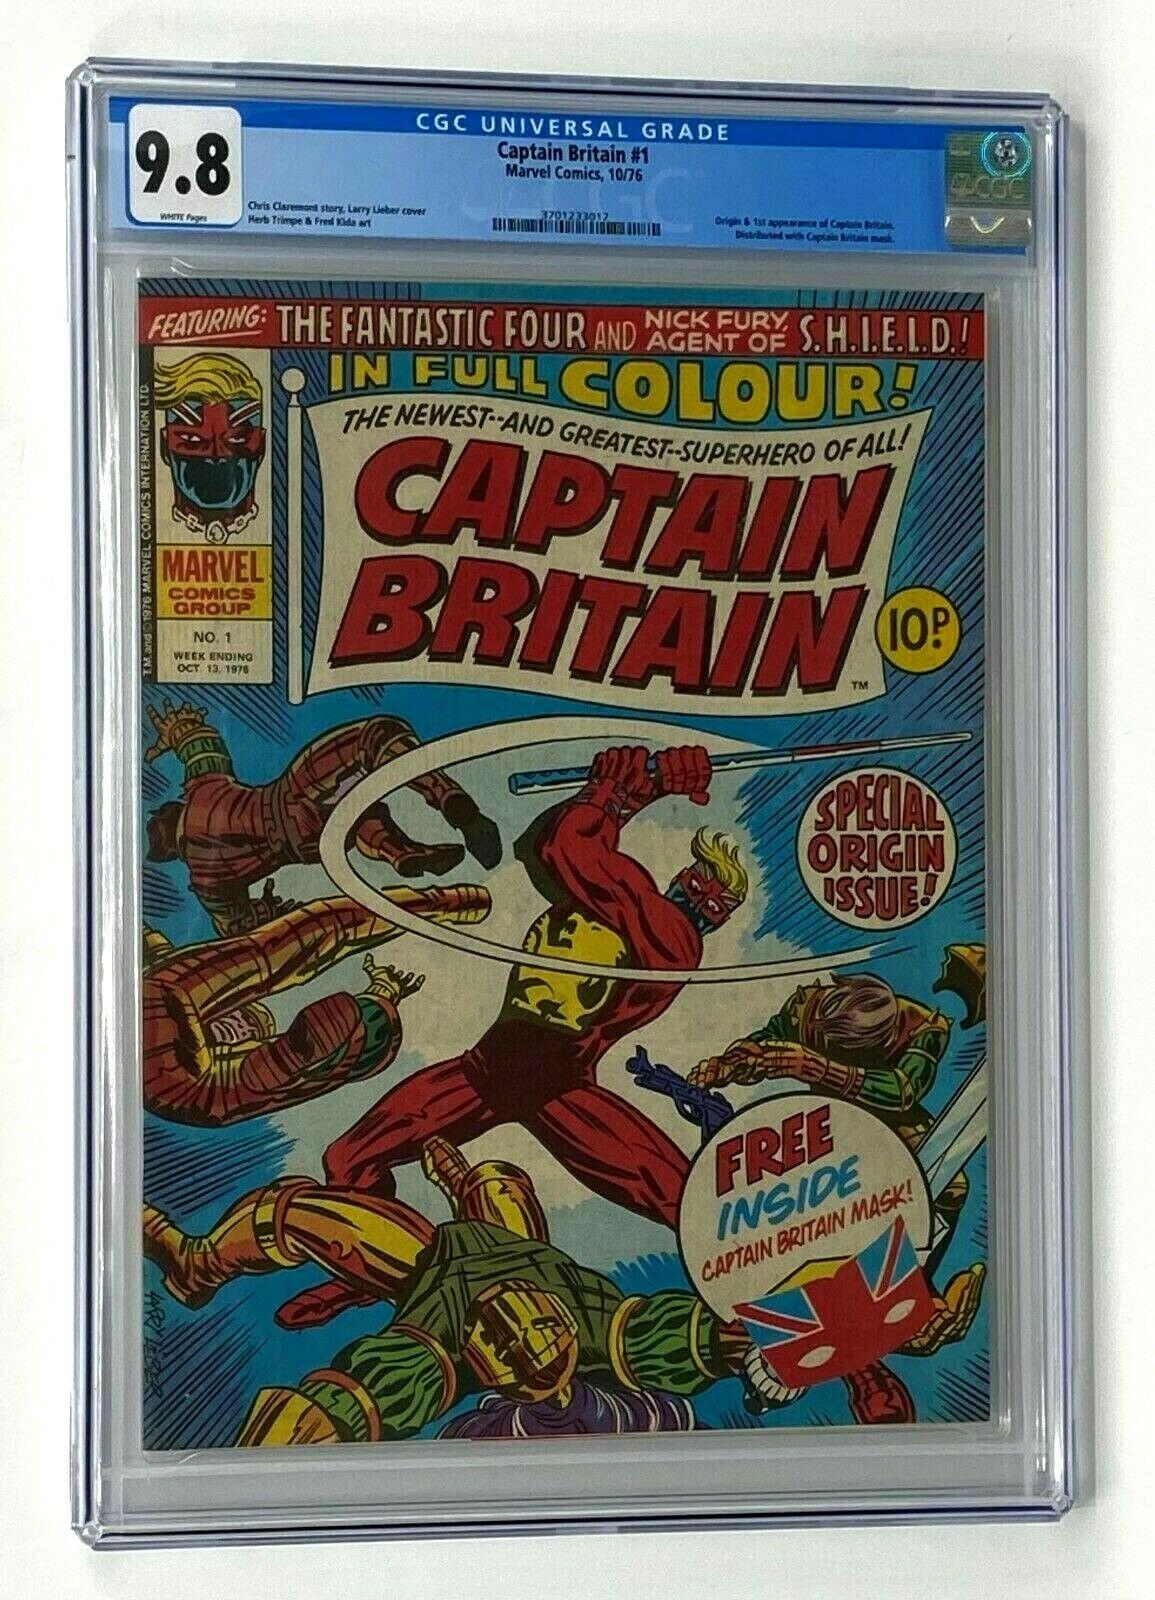 CAPTAIN BRITAIN 1 Marvel Comics 1976 CGC 98 Origin  1st Appearance